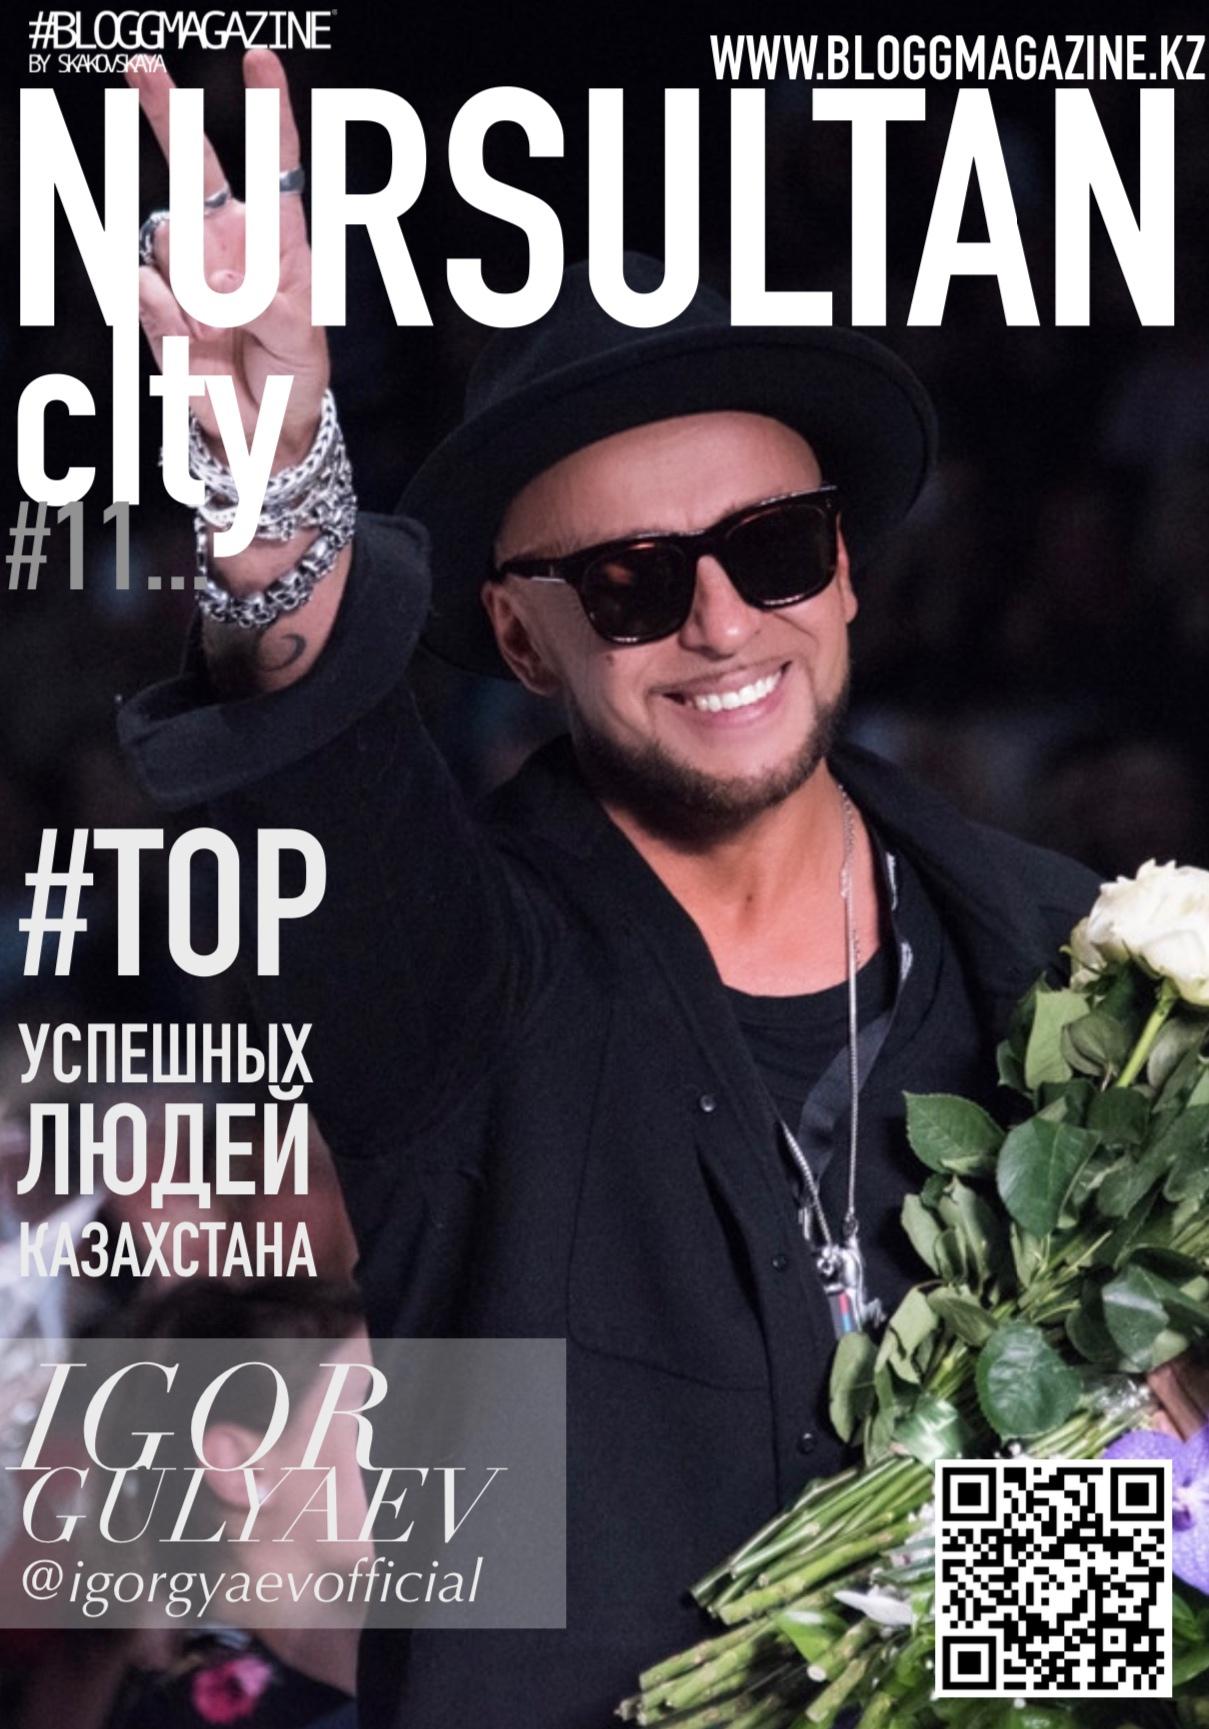 nursultancity_bloggmagazine_online_gulya